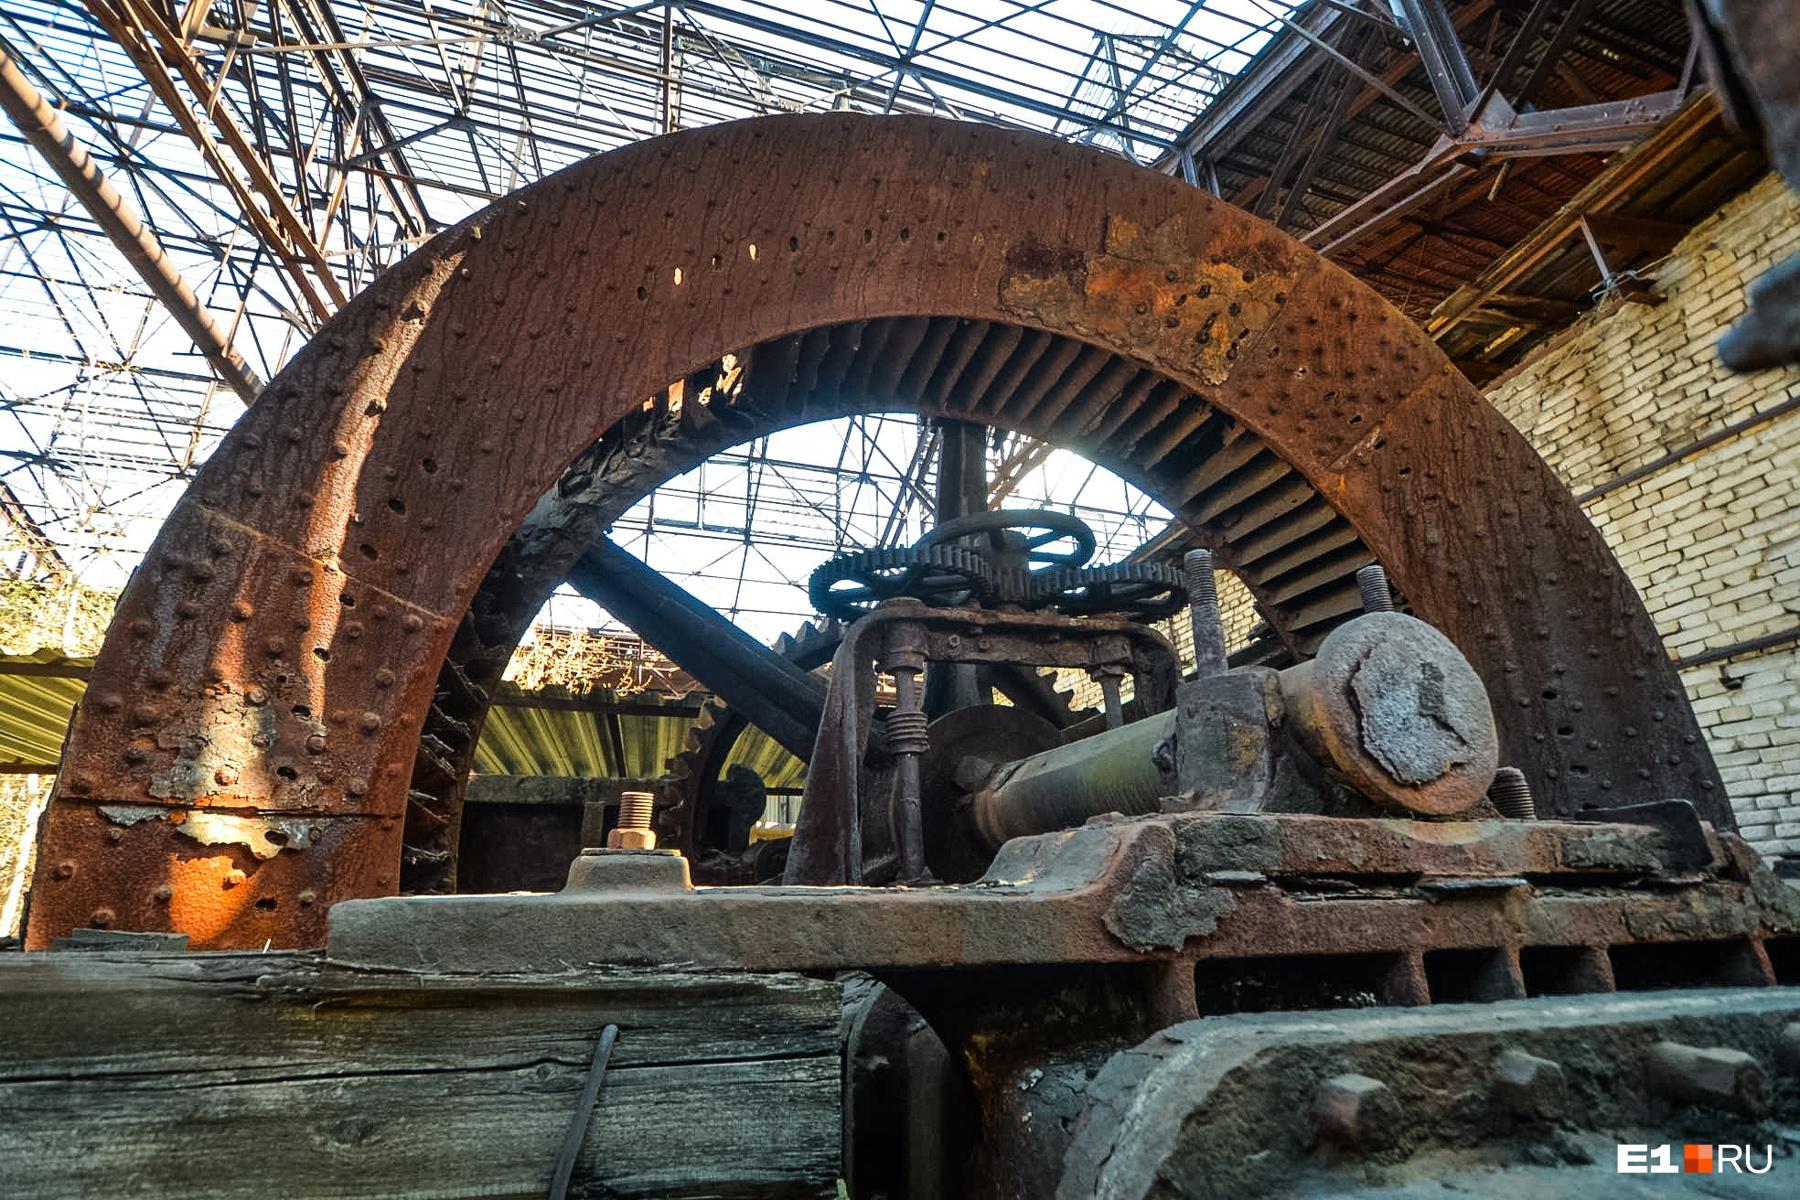 Эта гидротурбина носит романтичное имя Жерарда. Сооружение XIX века приводило в действие прокатный стан до 40-х годов XX века